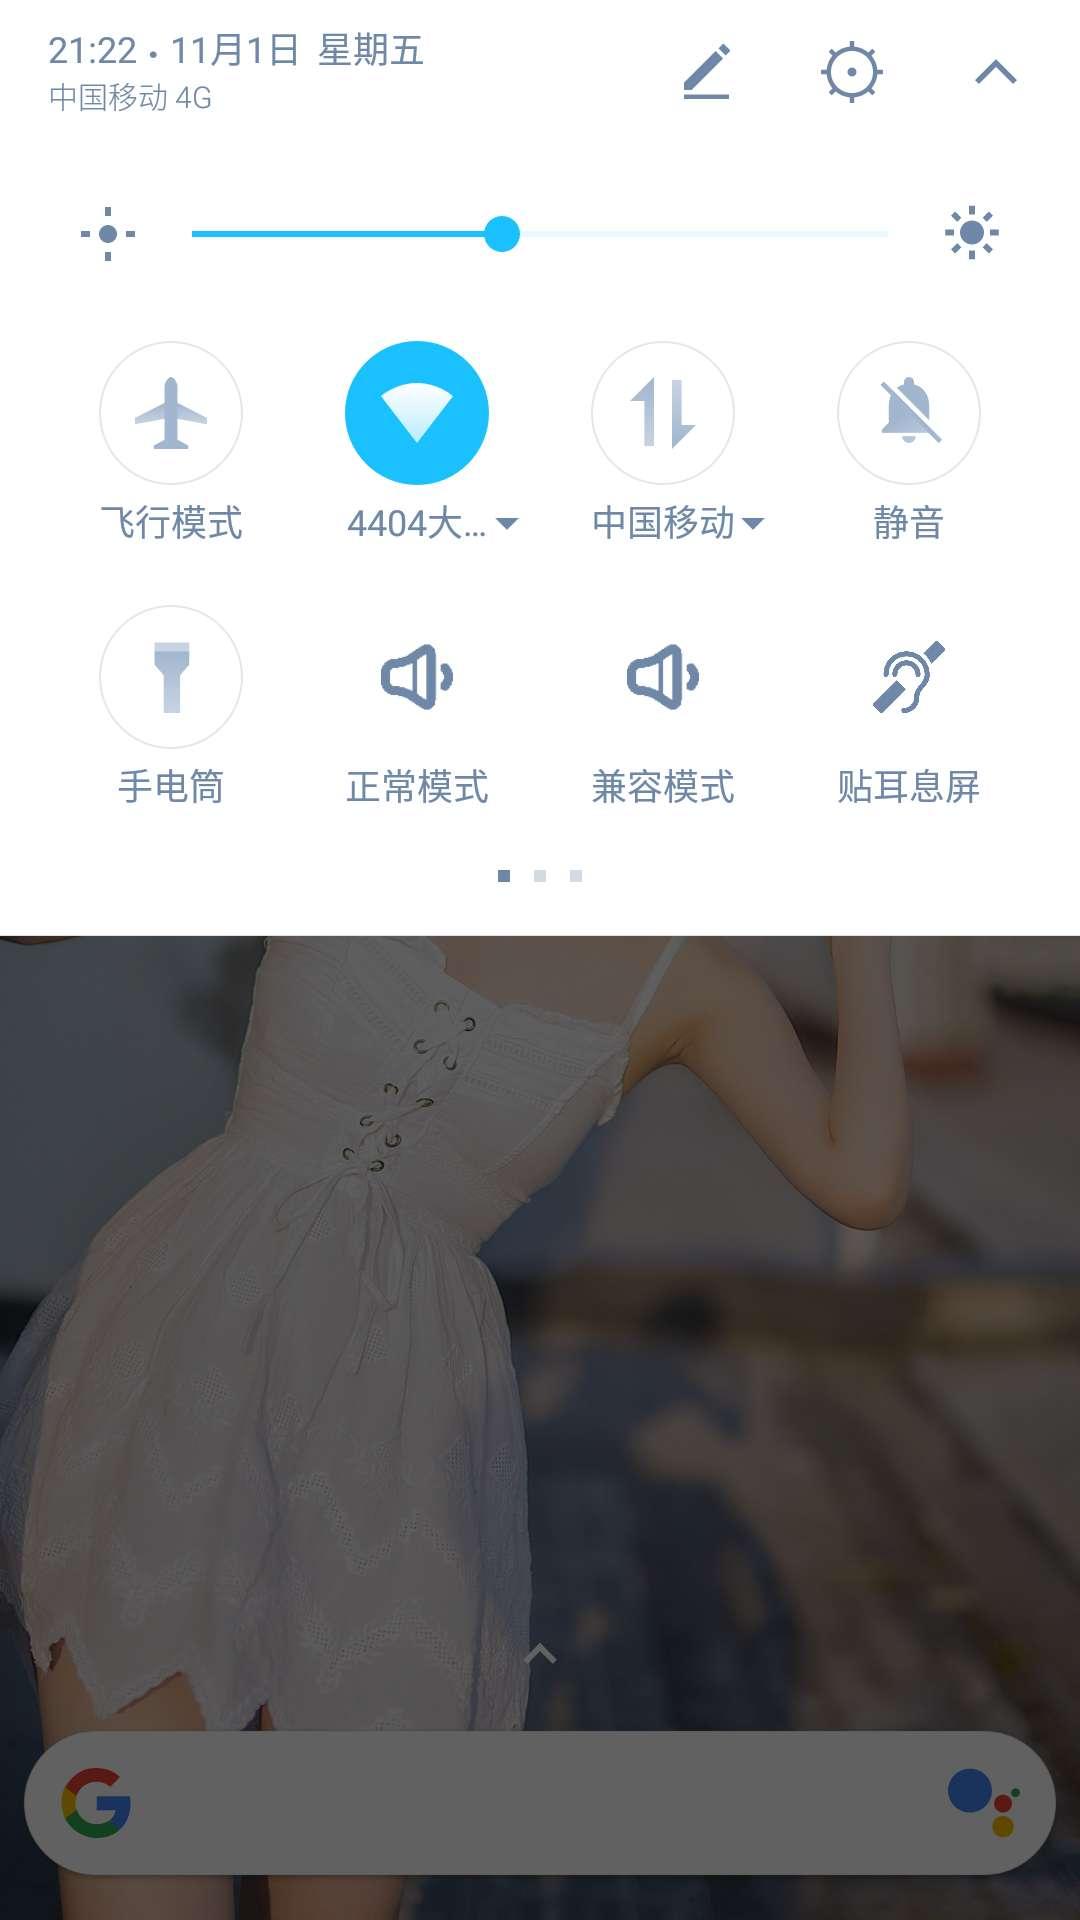 【分享】完全静音 V2.2 Android